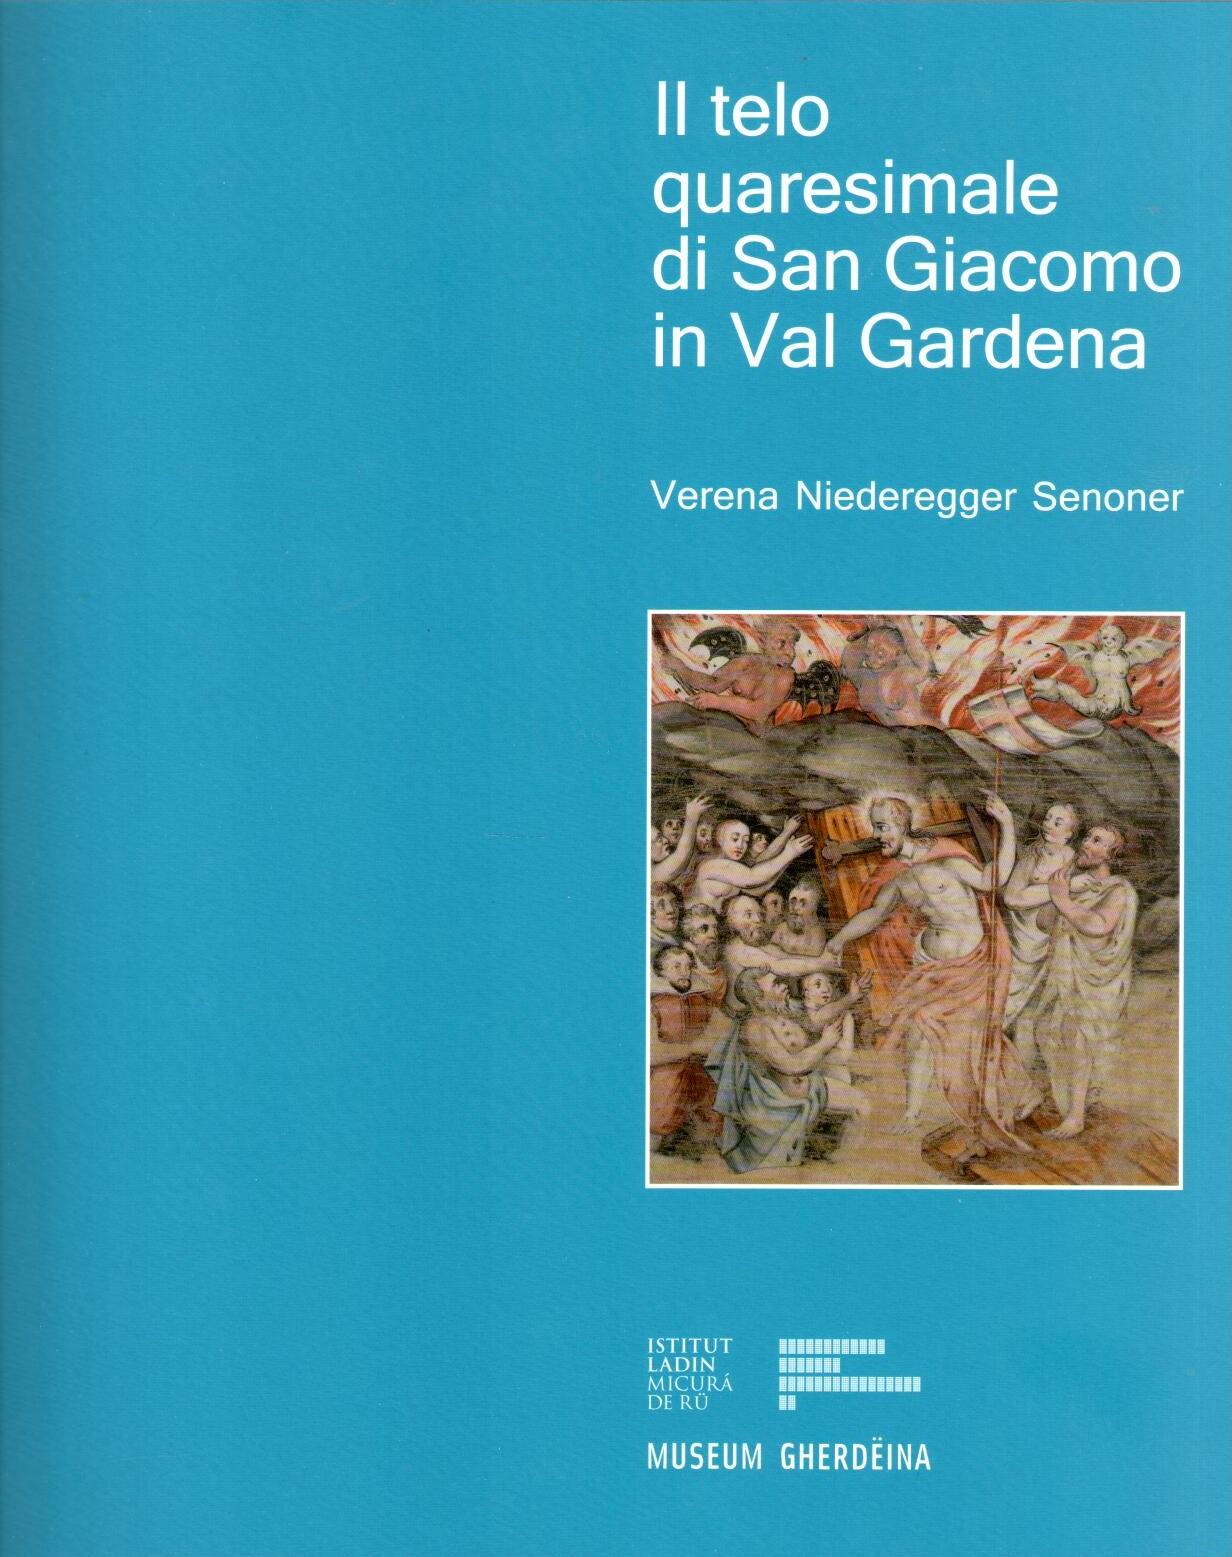 Il telo quaresimale di San Giacomo in Val Gardena, Verena Niederegger Senoner